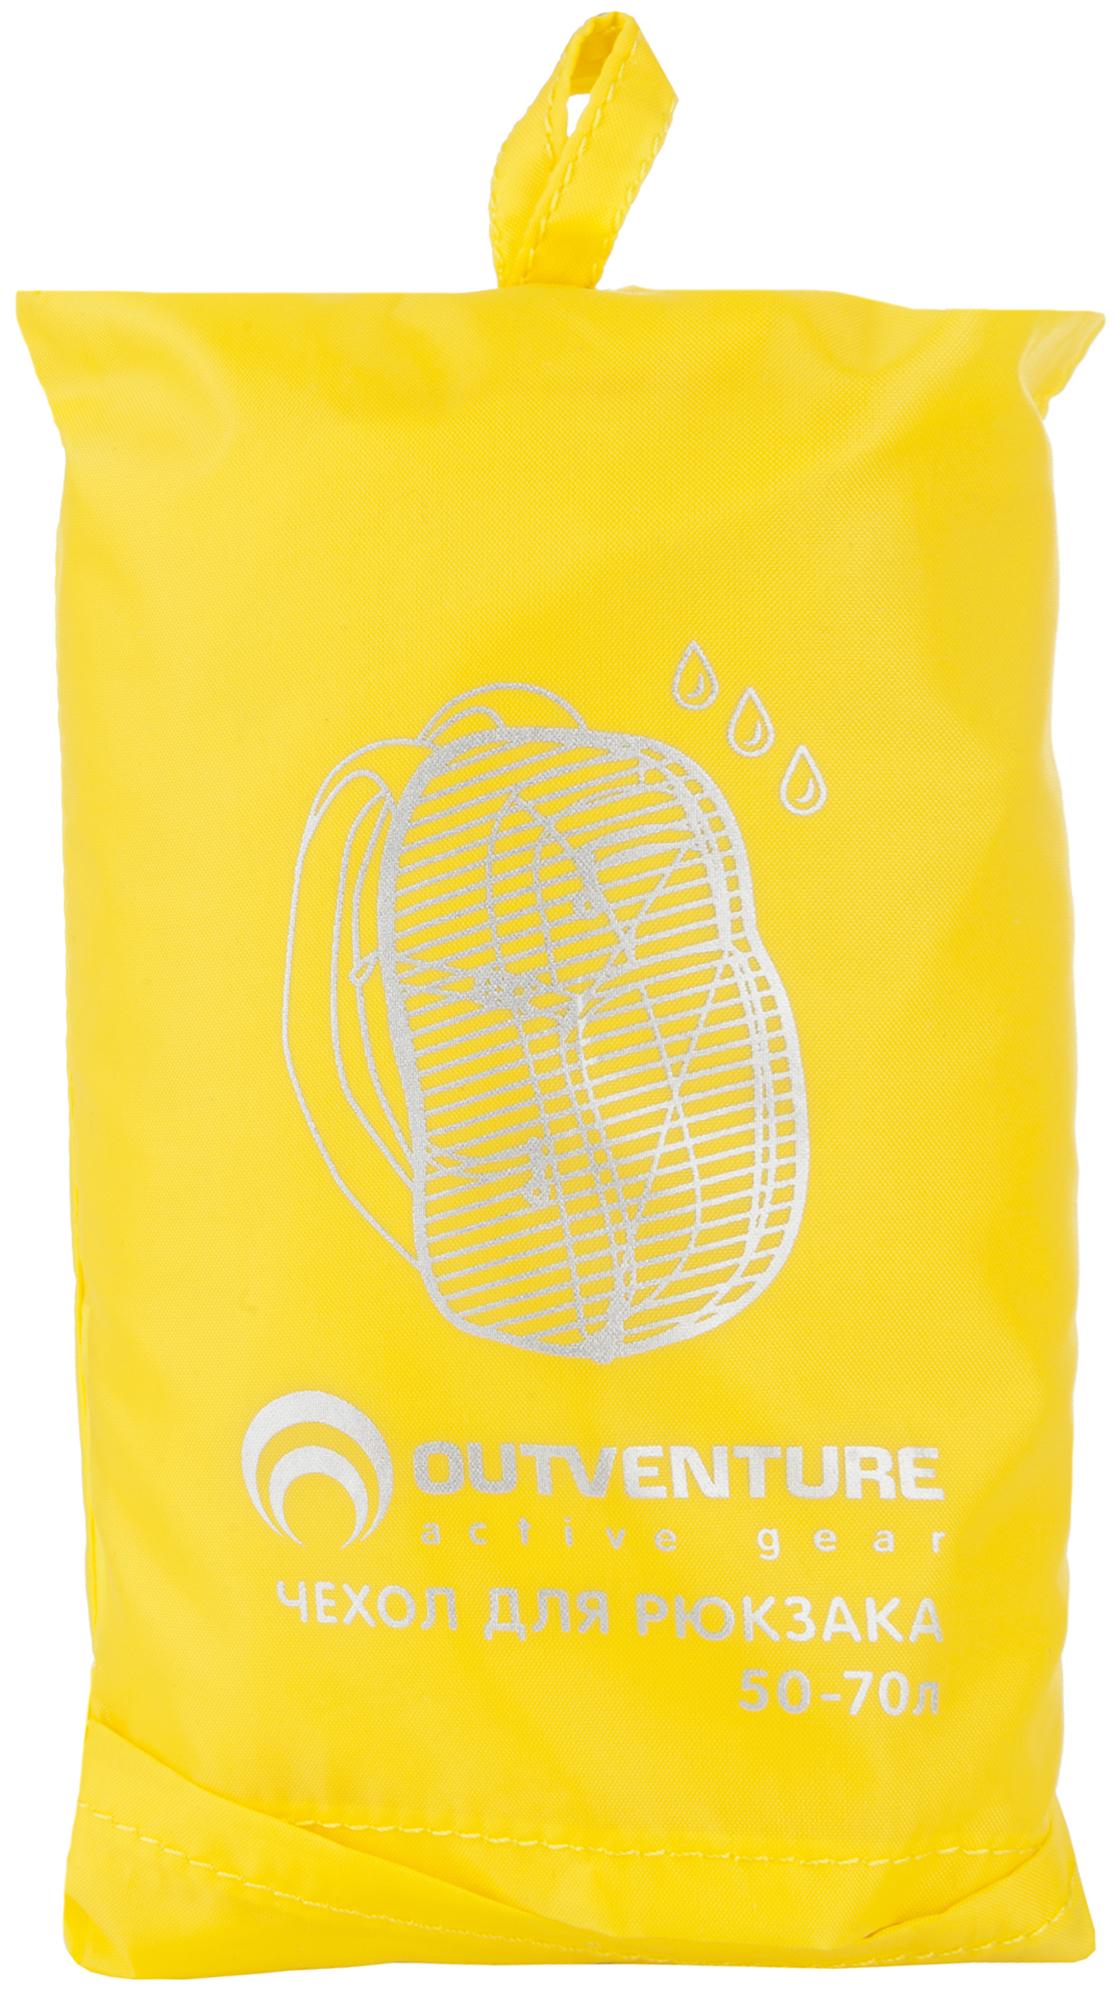 Outventure Накидка на рюкзак Outventure, 50-70 л